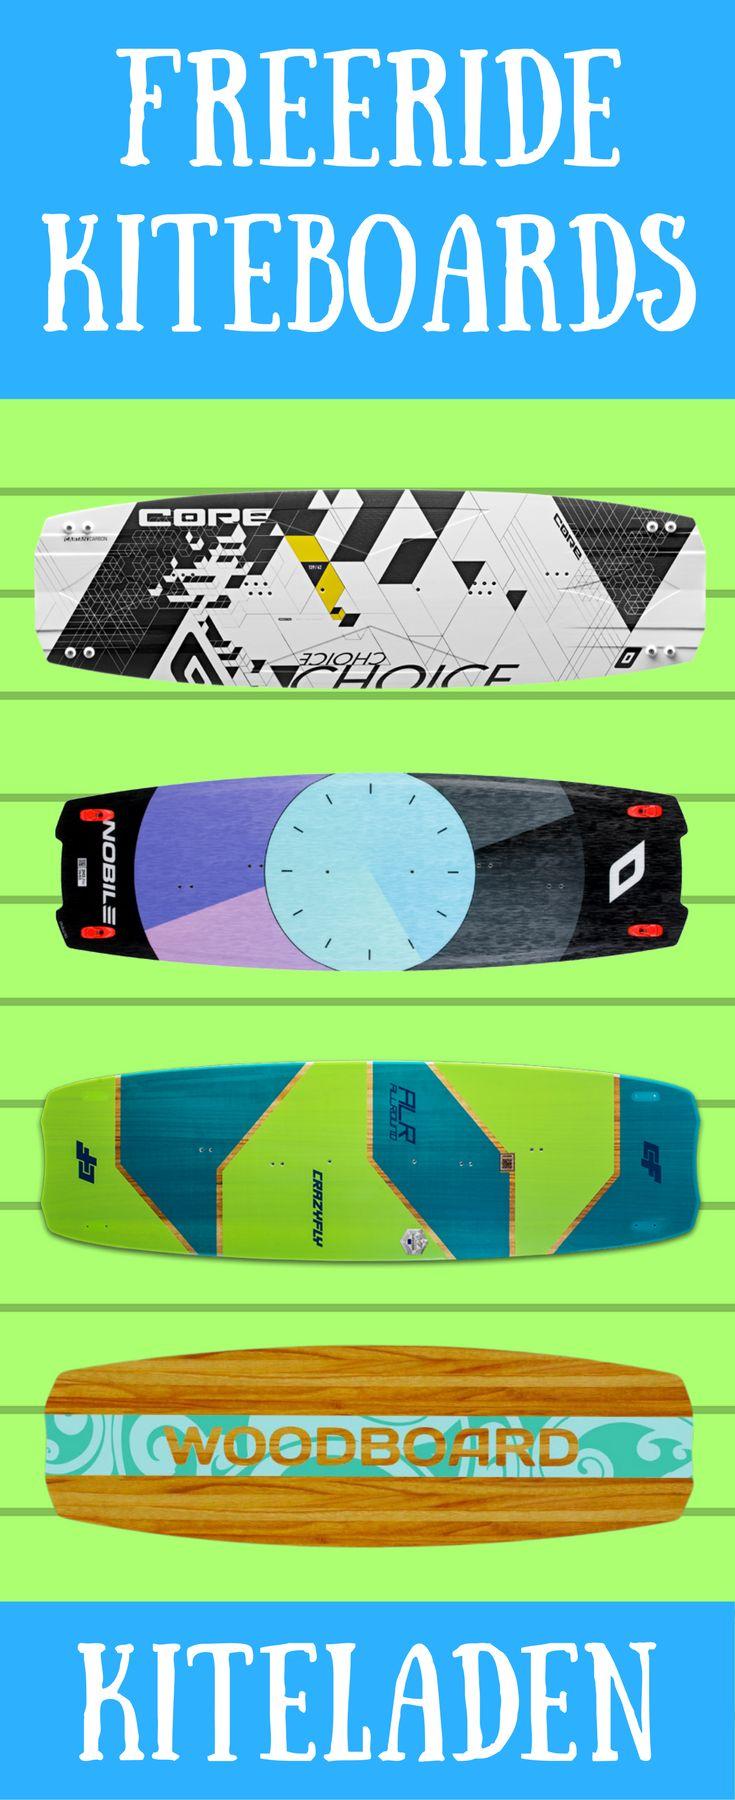 Hier findest du jede Menge Freeride Kiteboards von verschiedenen Herstellern. Finde dein perfektes Kiteboard und bestelle einfach und schnell im online Kiteshop. #kiteboard  #kitesurf #kiteshop